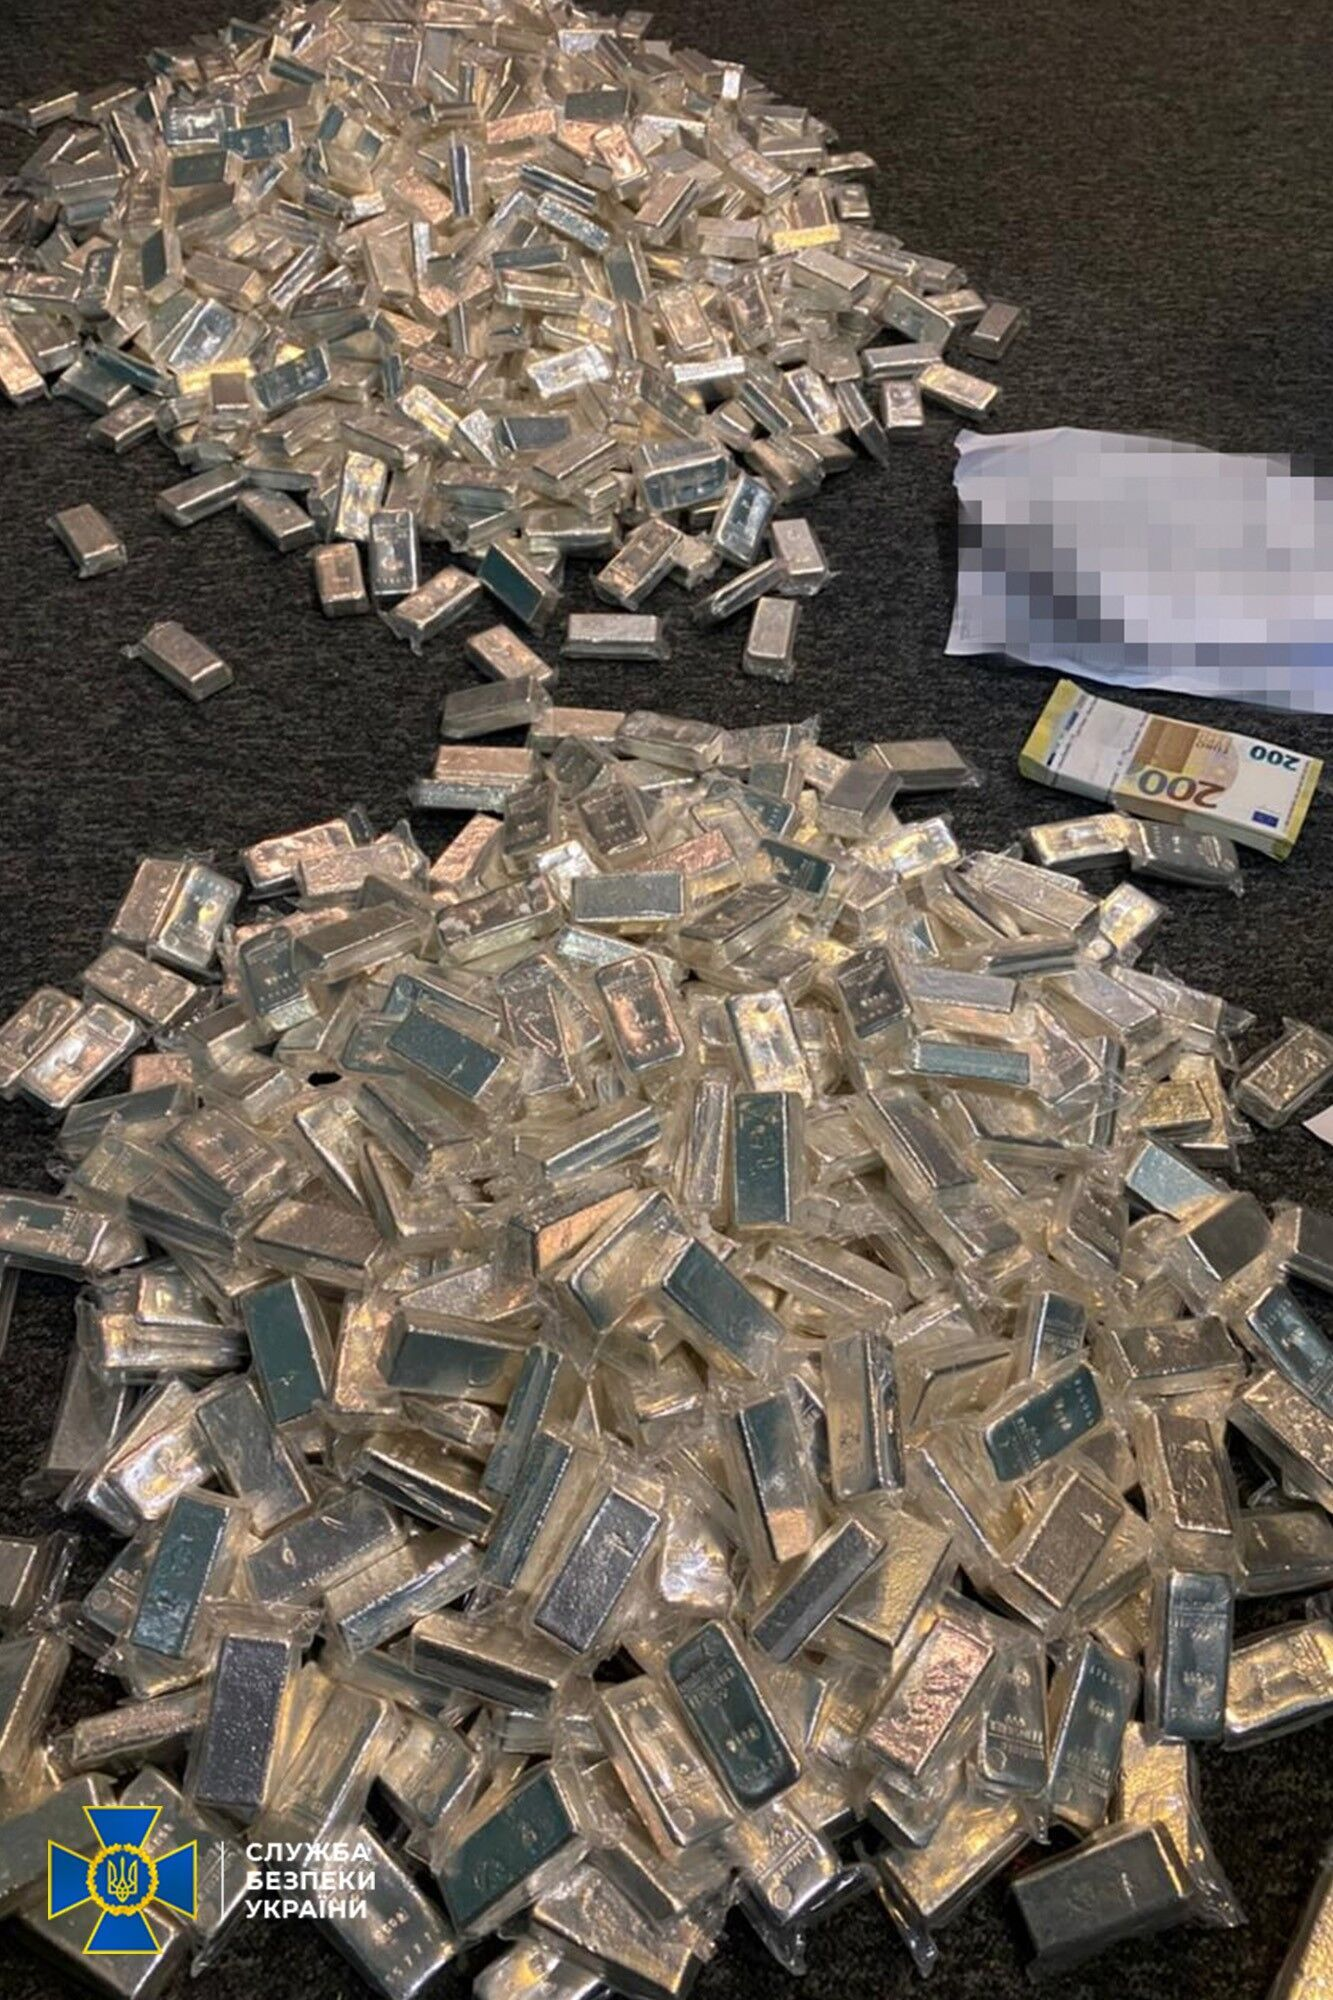 Організатори схеми конвертували криптовалюту в готівку